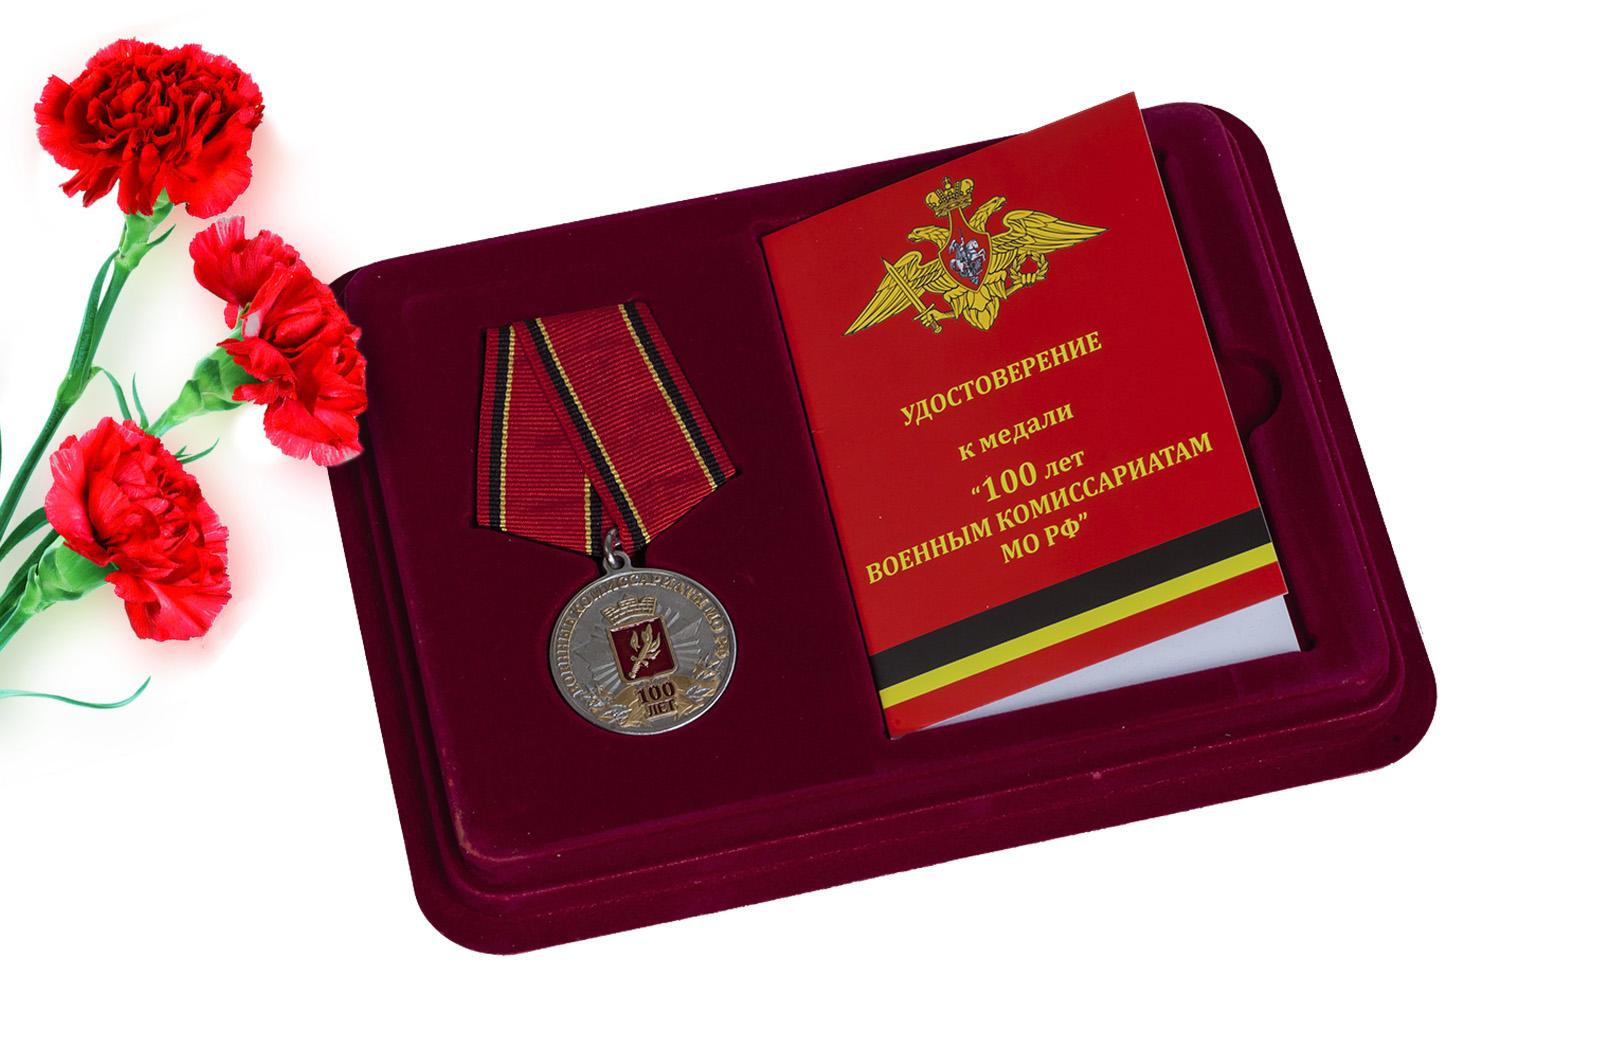 Медаль МО РФ 100 лет Военным комиссариатам заказать в подарок